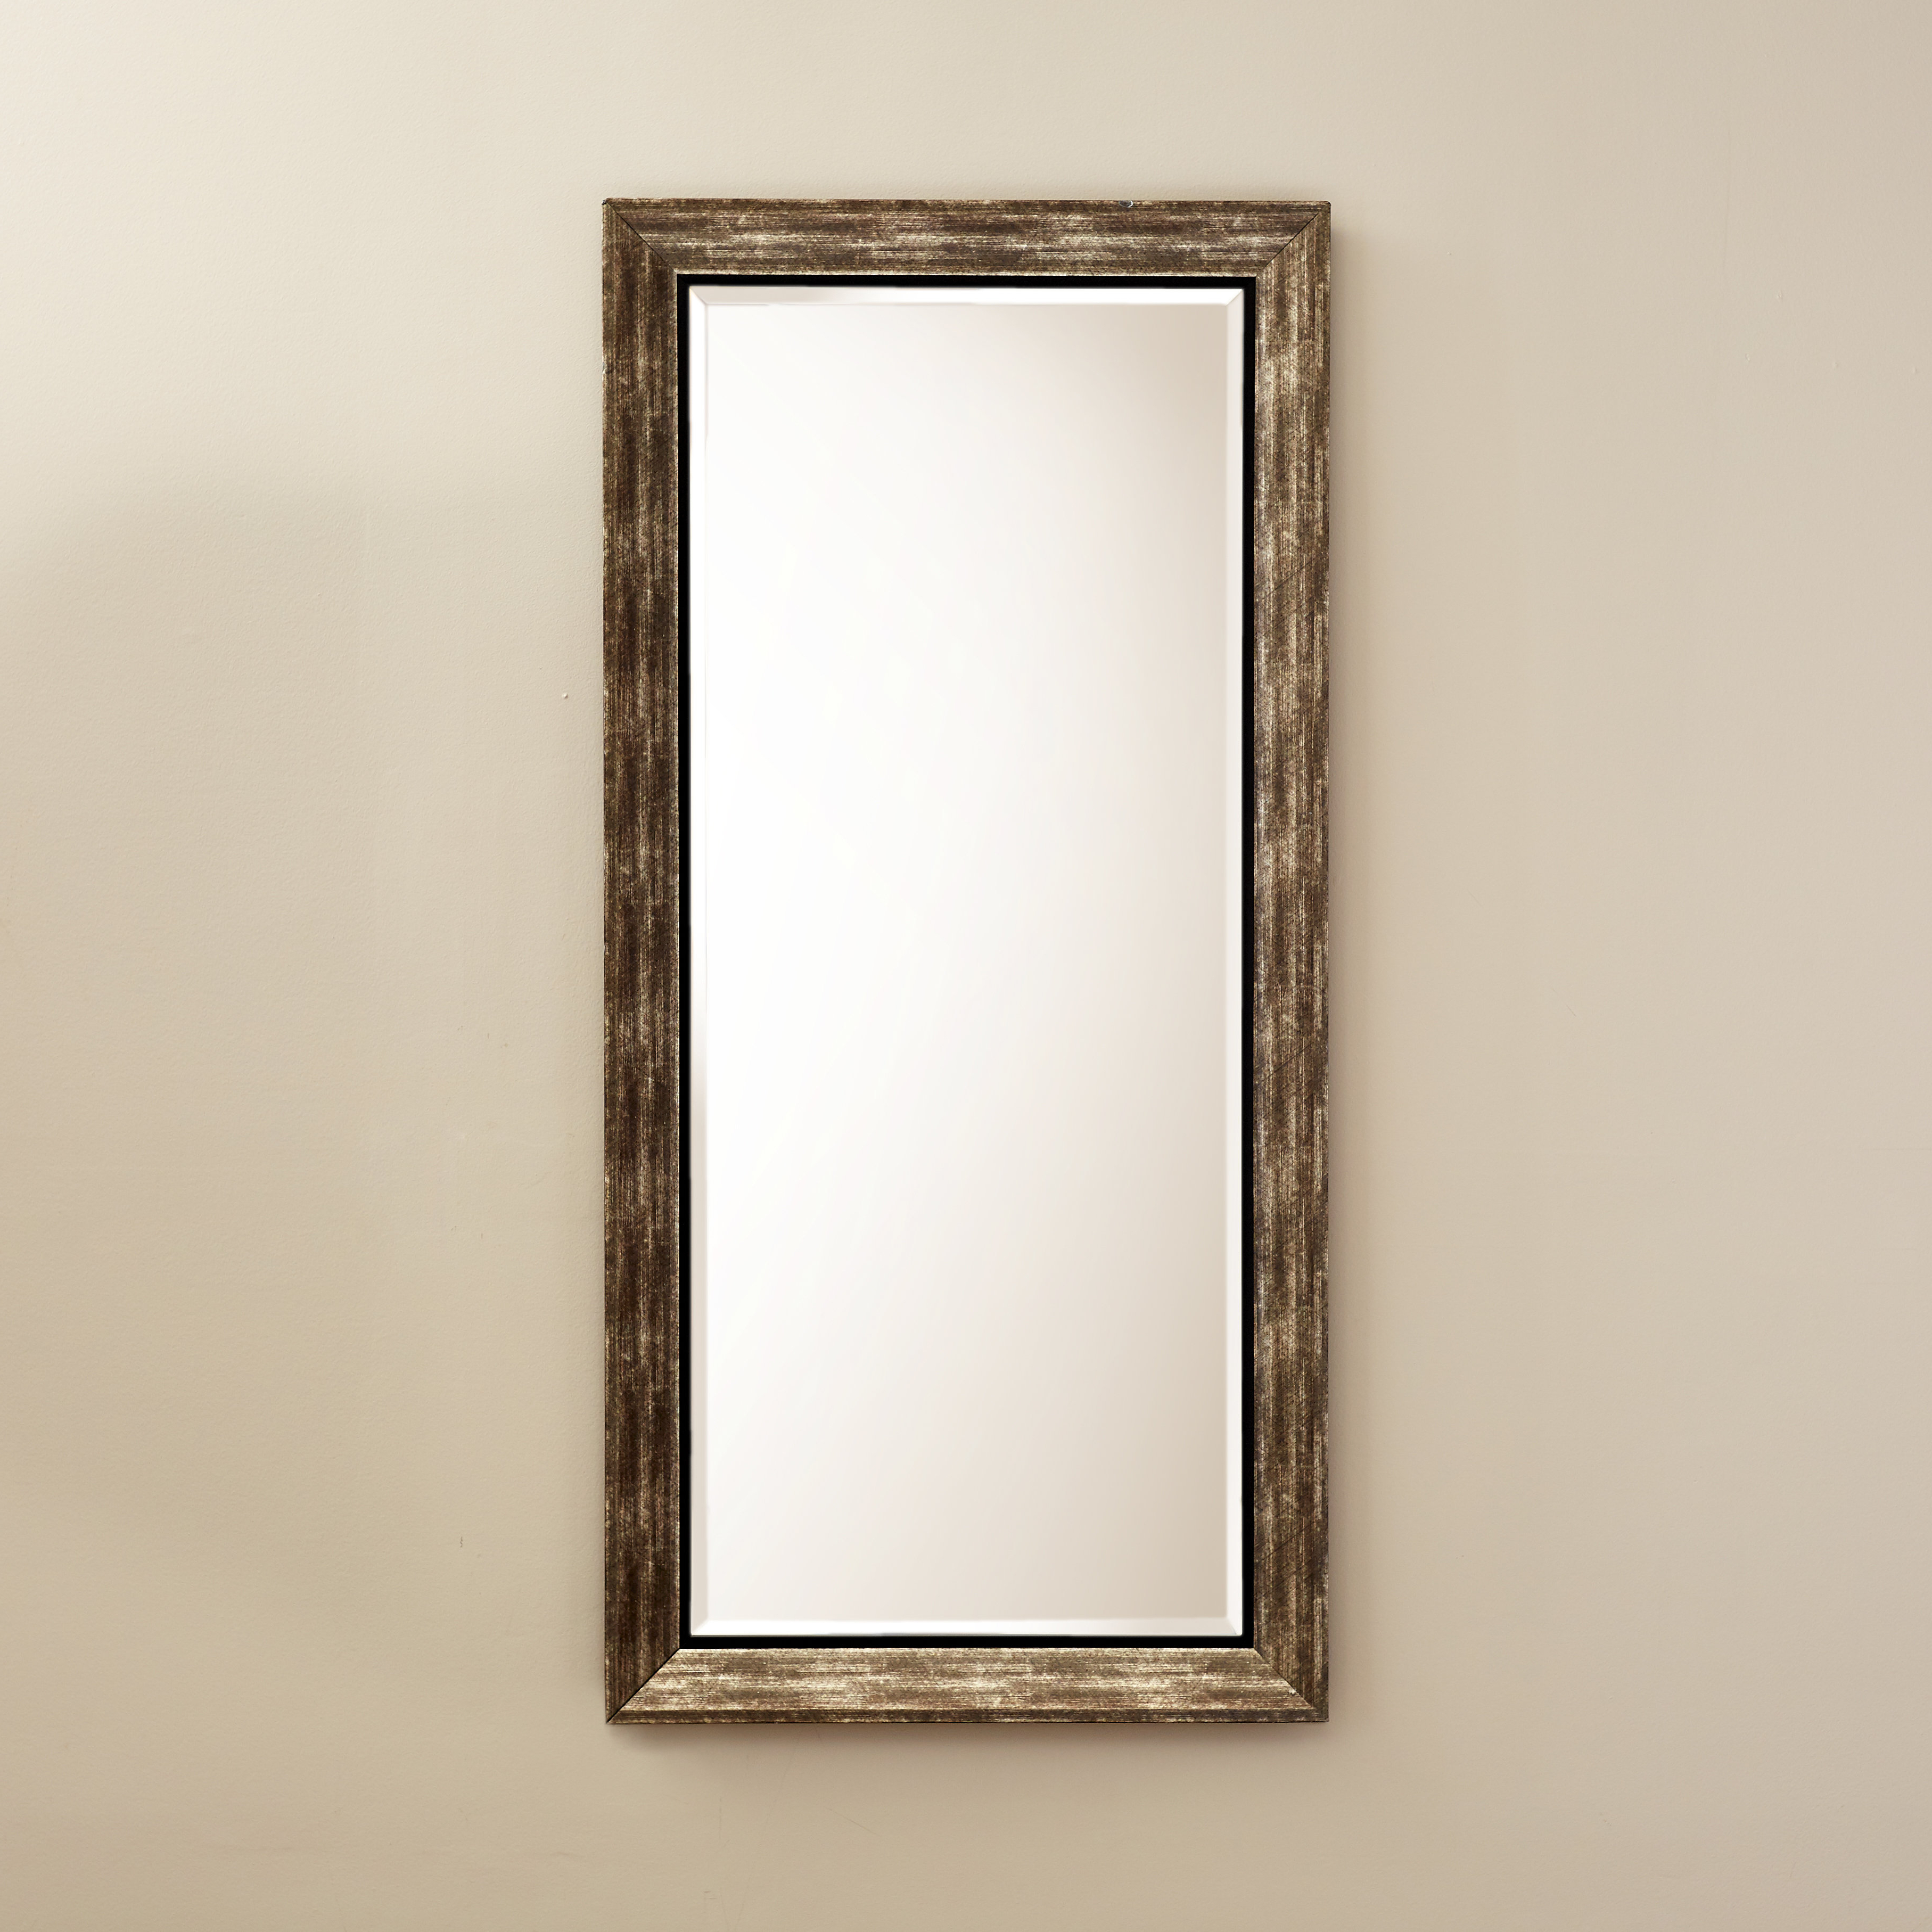 Esmond Accent Mirror Regarding Most Recent Janie Rectangular Wall Mirrors (View 2 of 20)